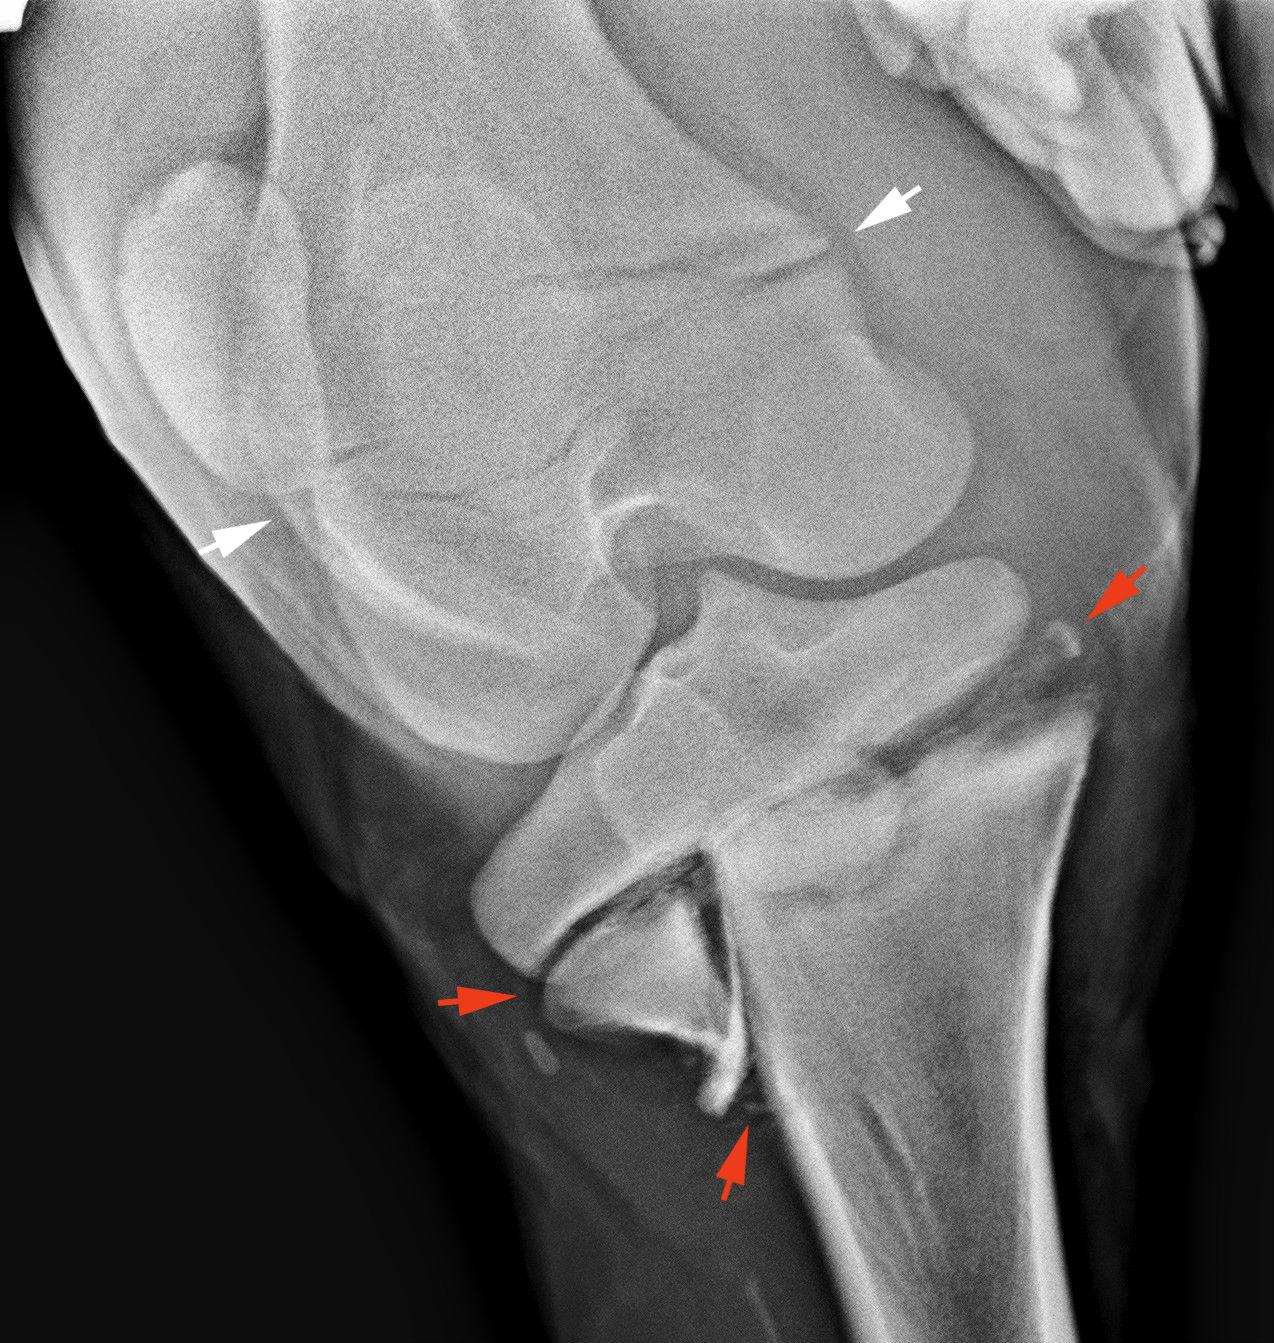 a térdízület meniszkuszos törése ízületi fájdalmak a csukló kezelésénél